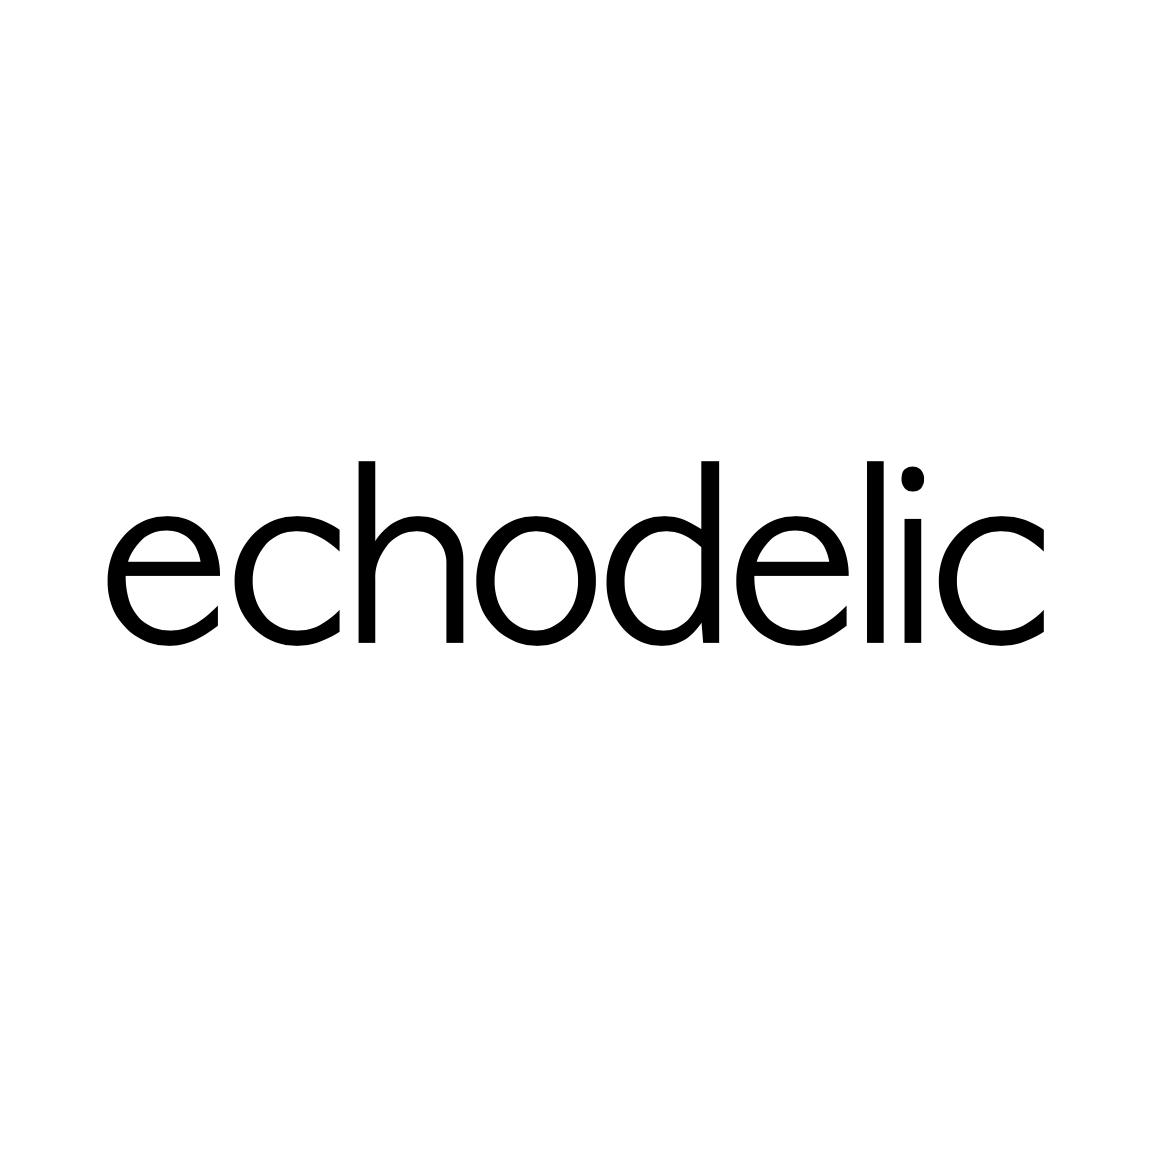 echodelic